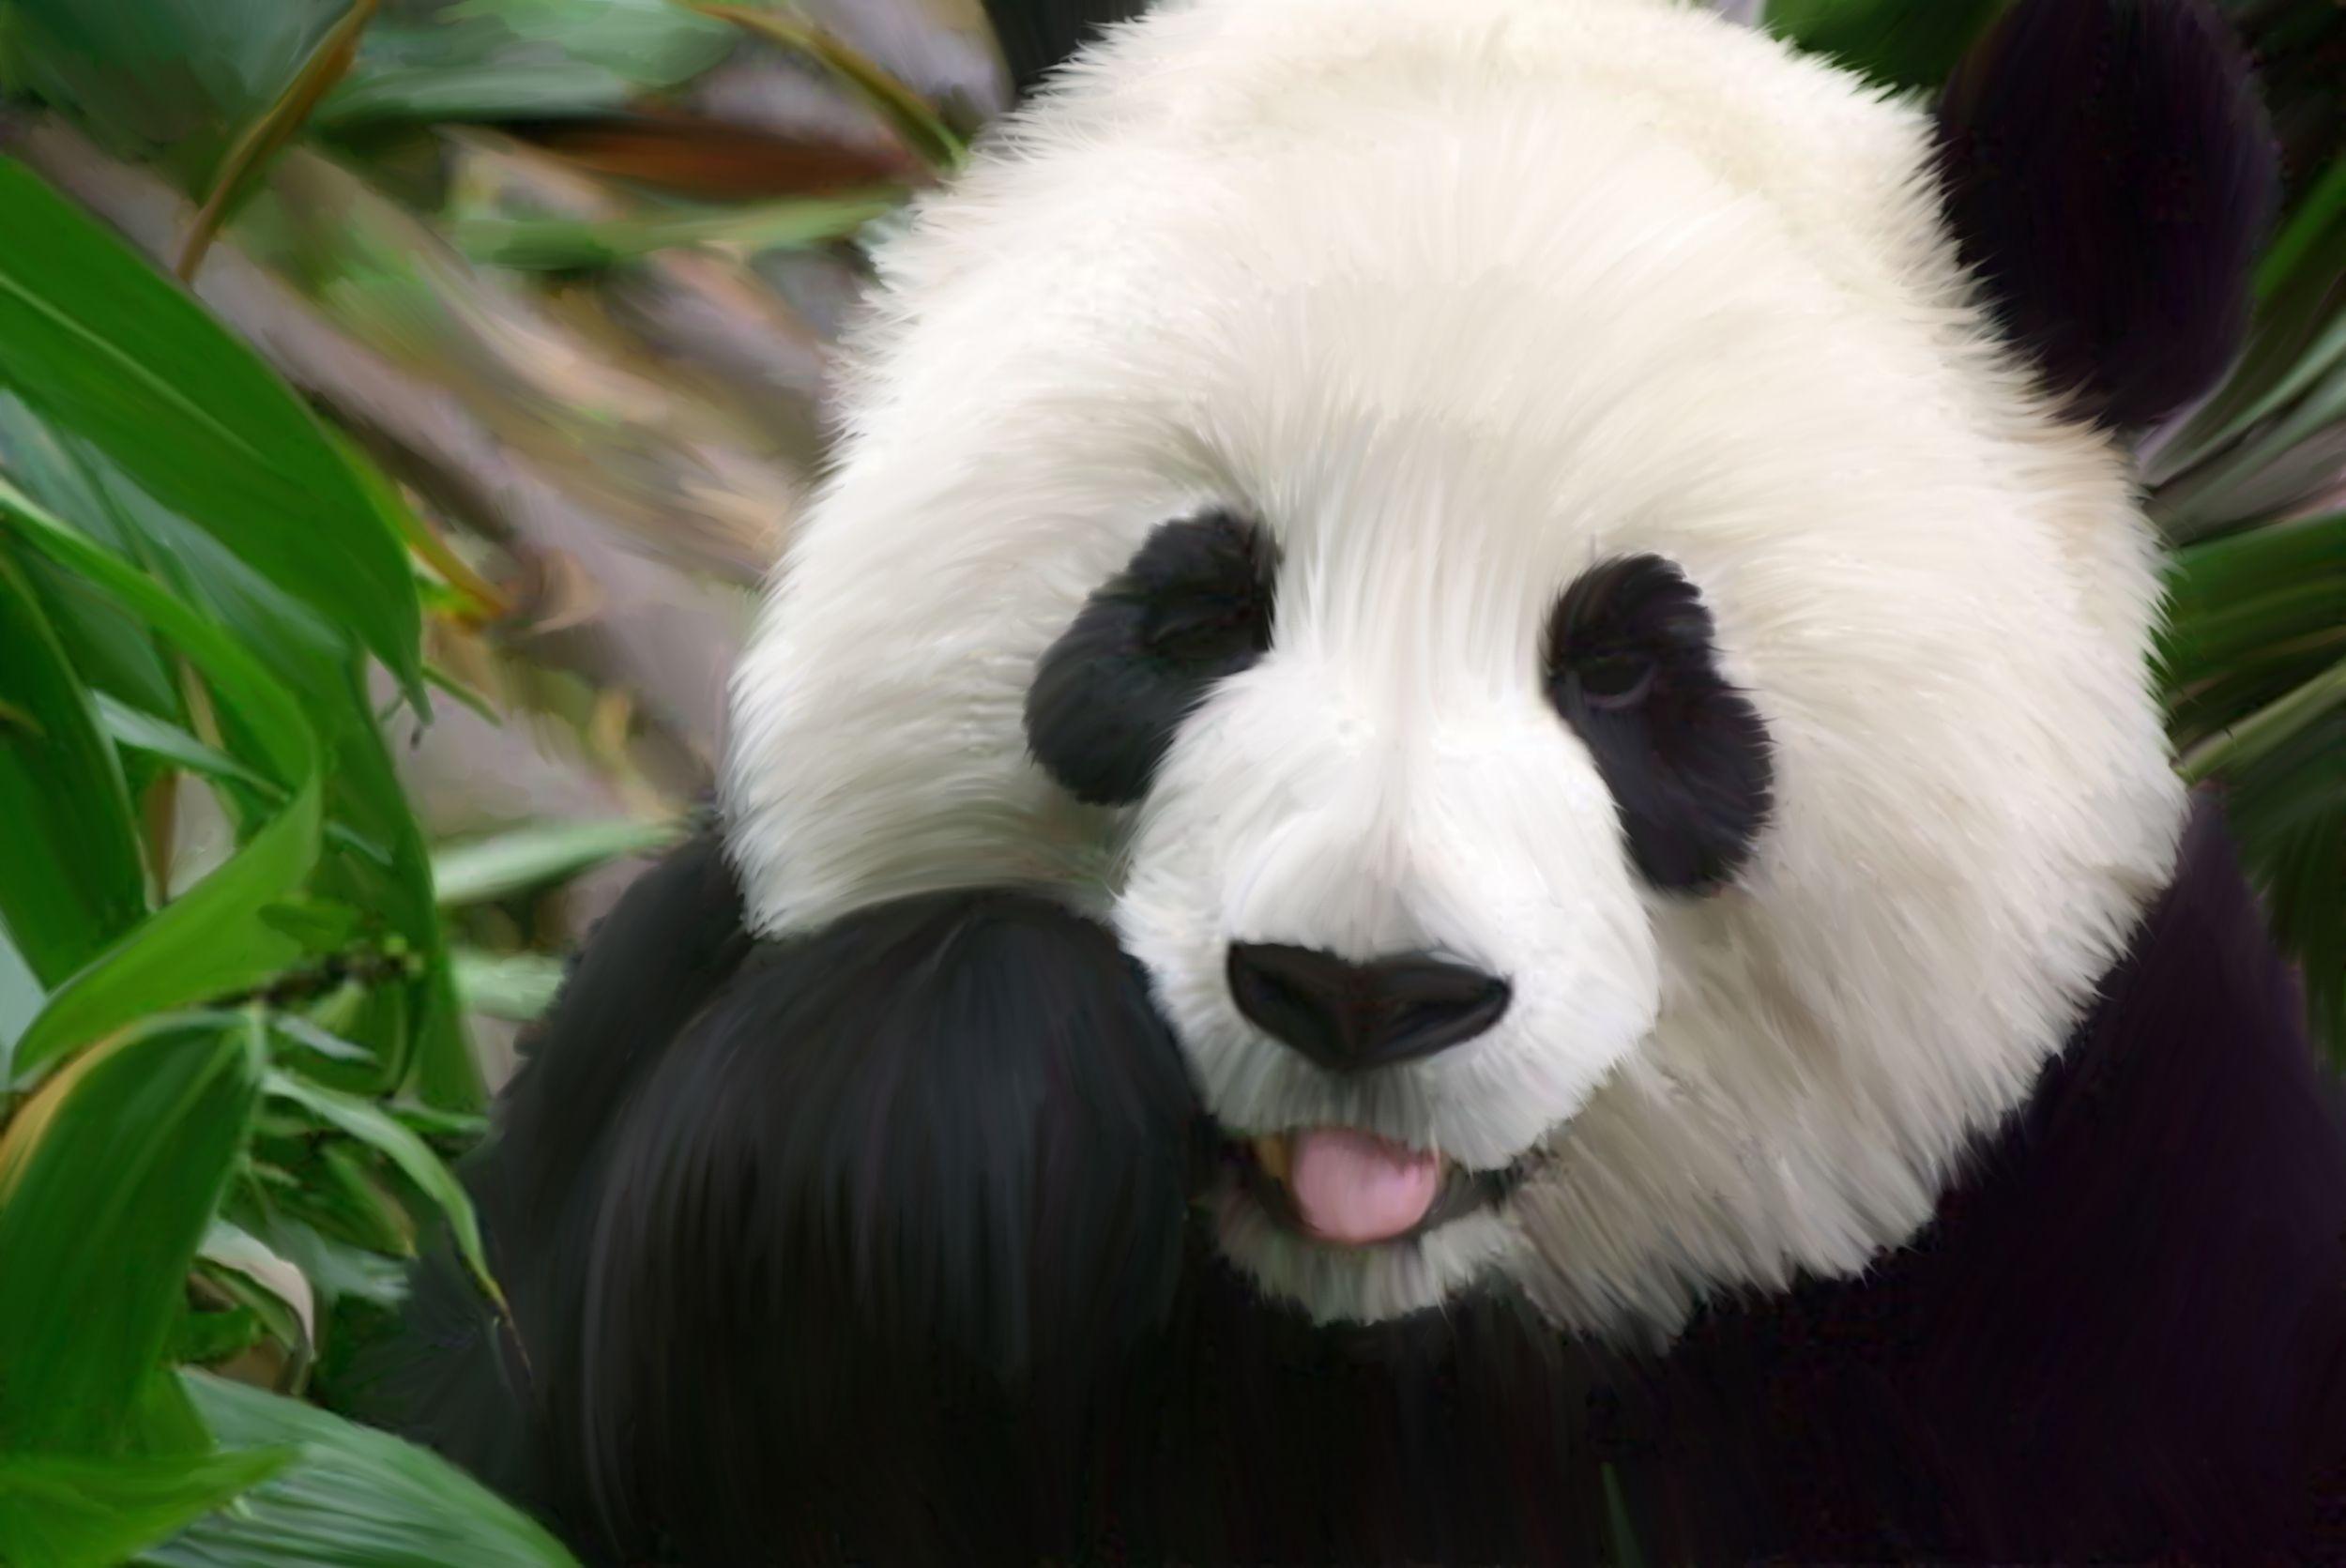 Wallpapers For > Cute Baby Panda Wallpaper Tumblr